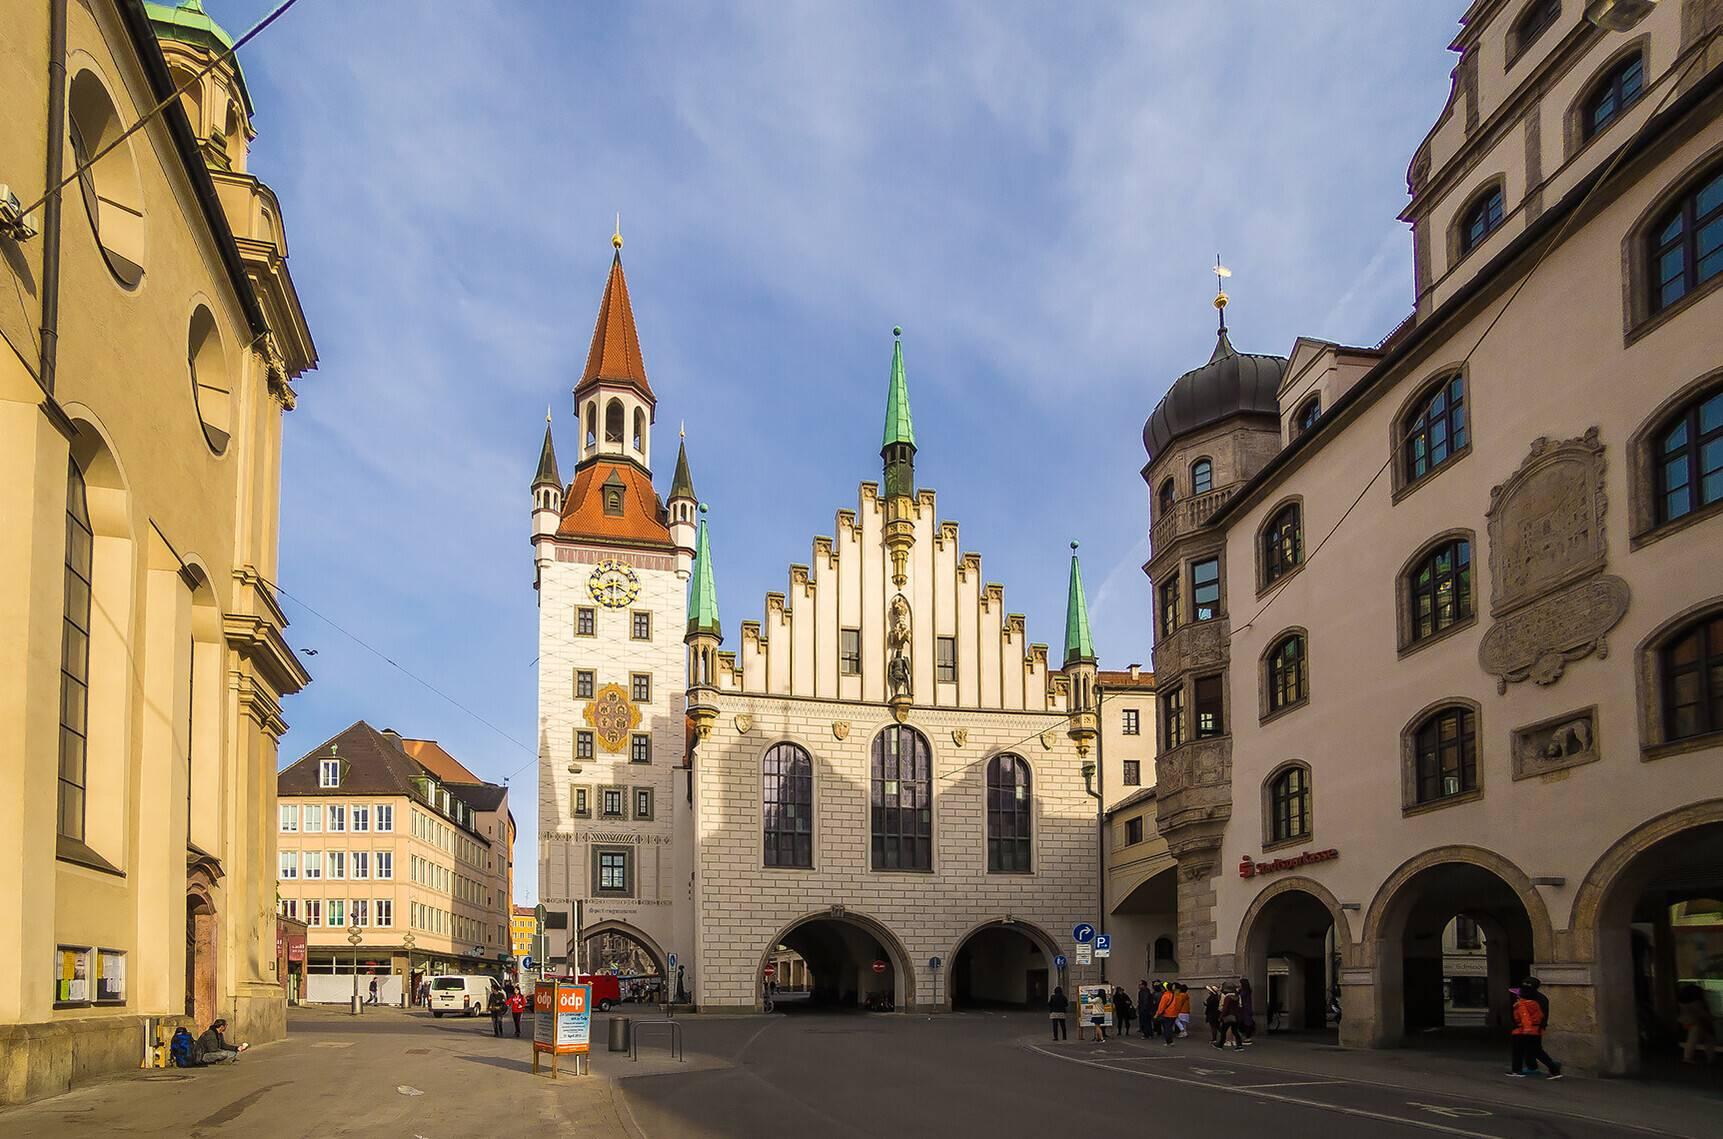 Старая ратуша (нем. altes rathaus) в мюнхене. фото